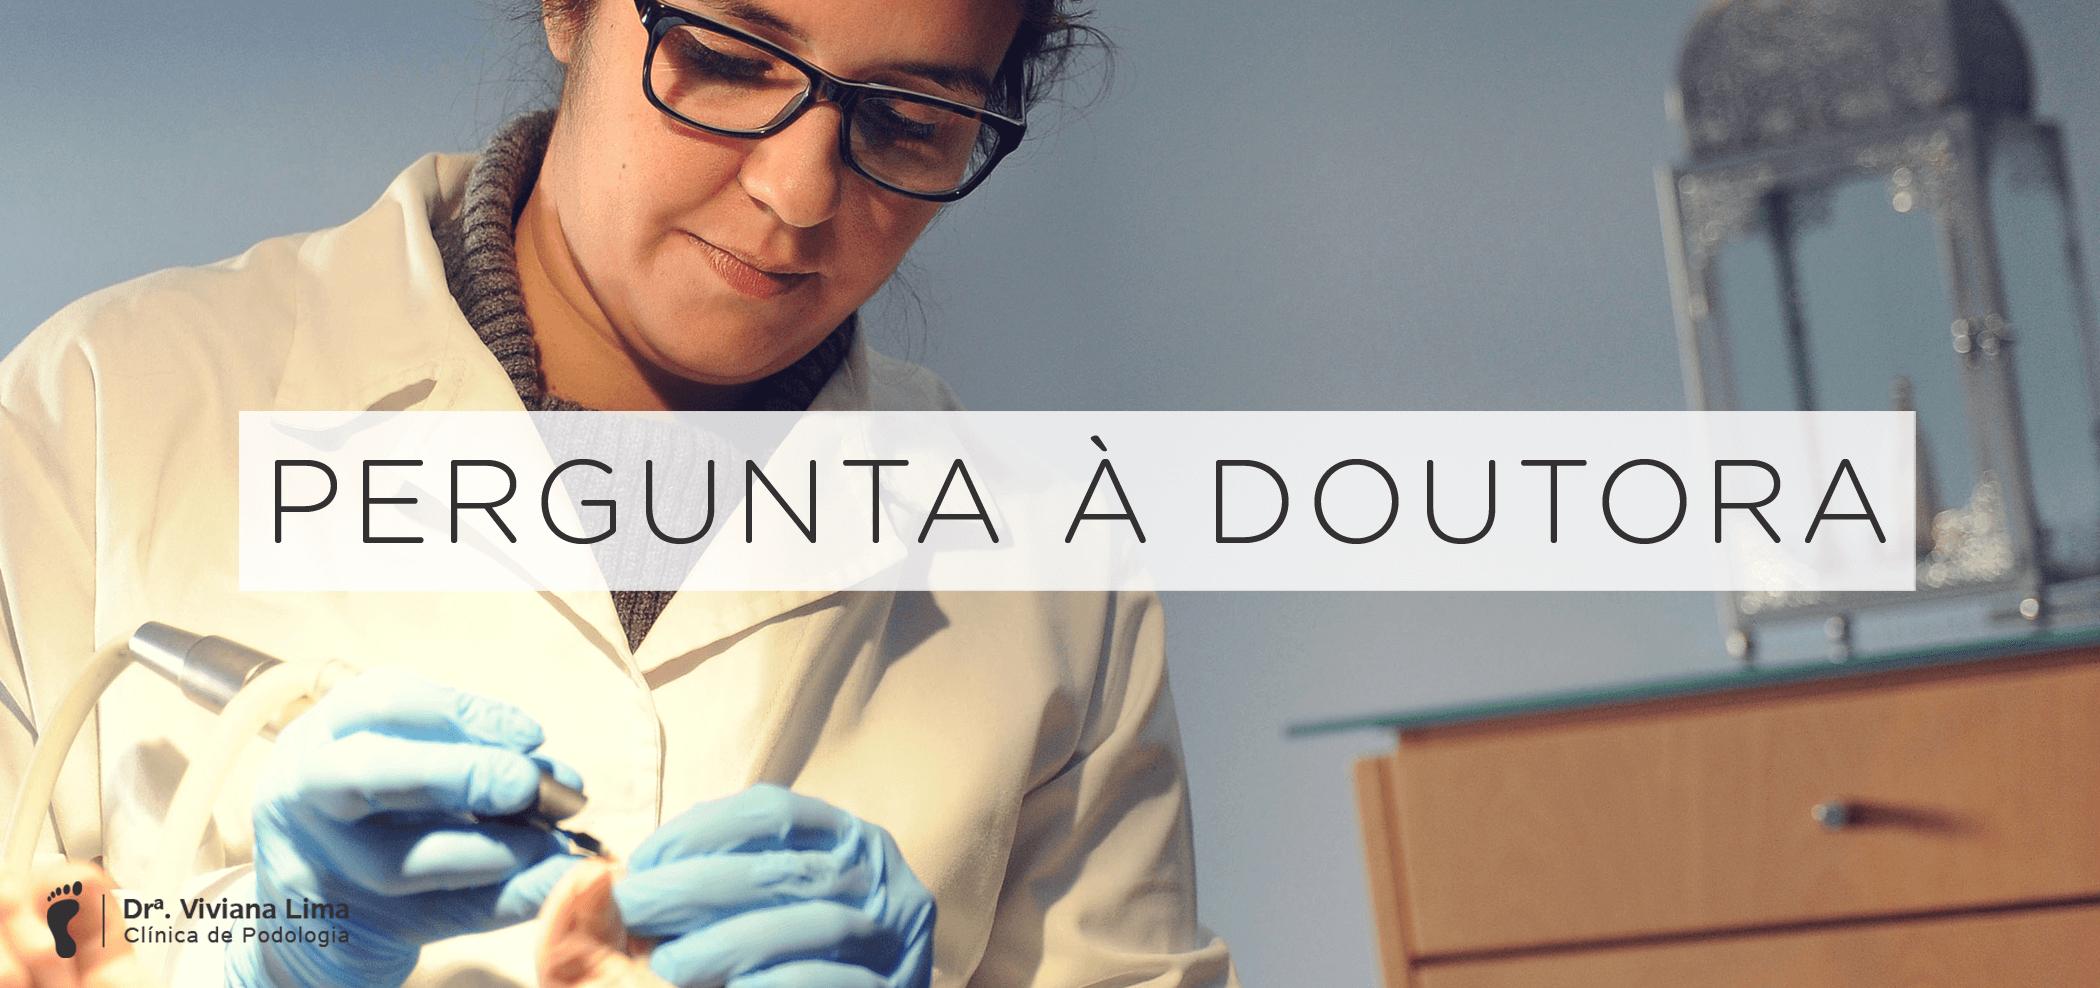 pergunta à doutora - podologia braga | drª viviana lima